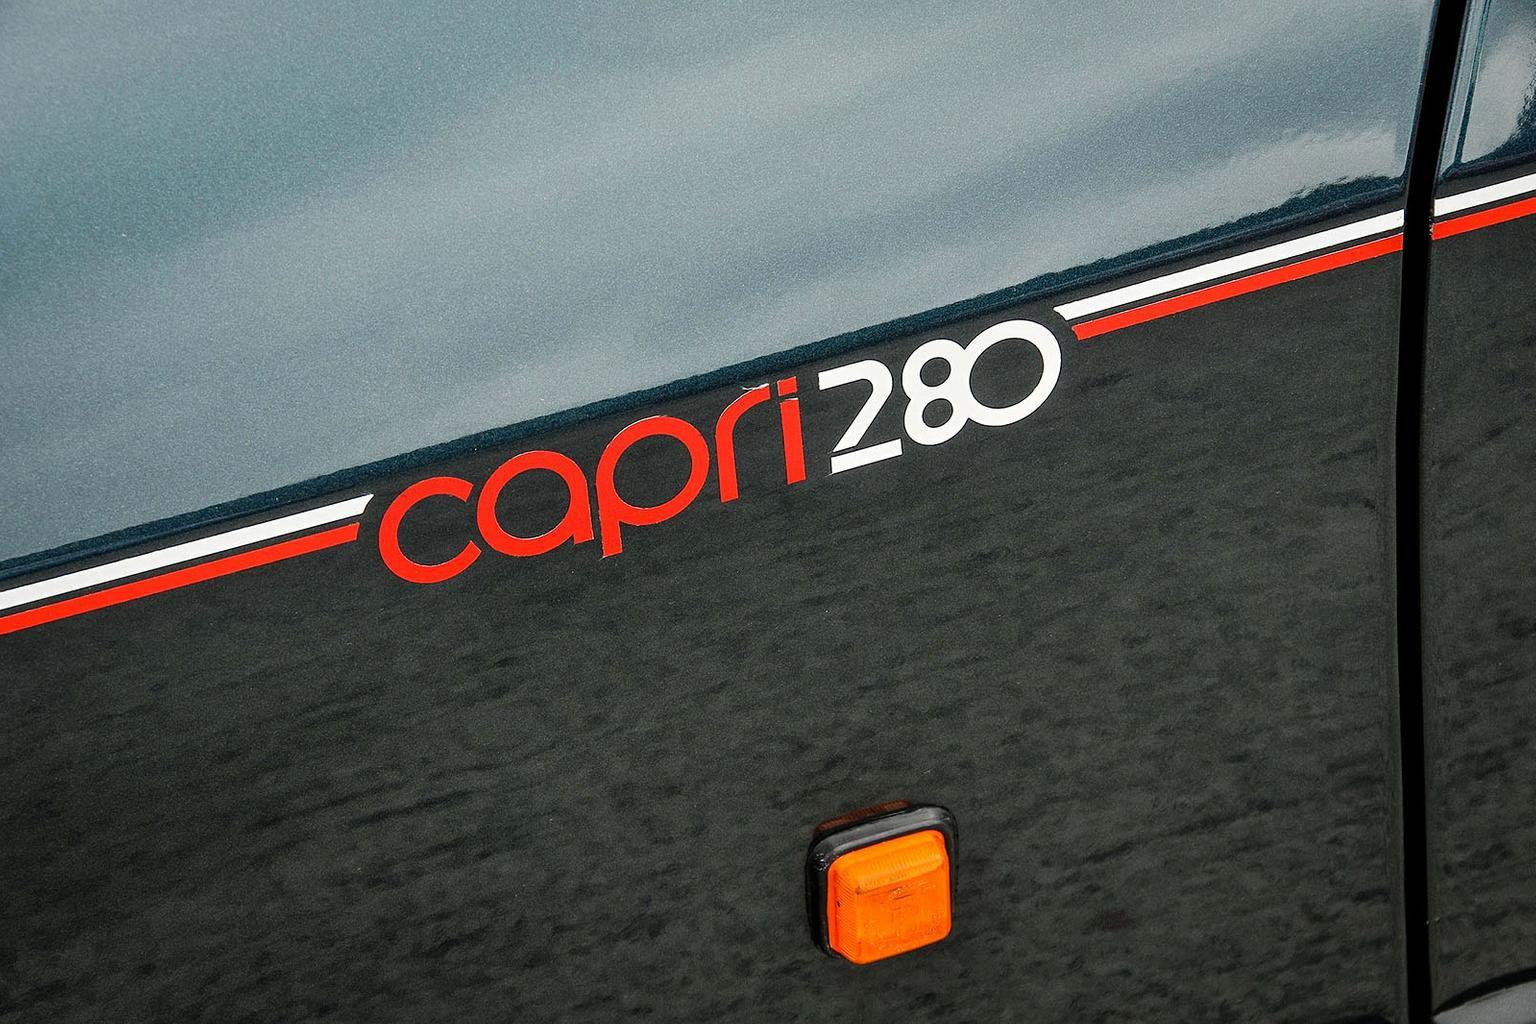 Ford Capri 2.8i – Rewind Wednesday